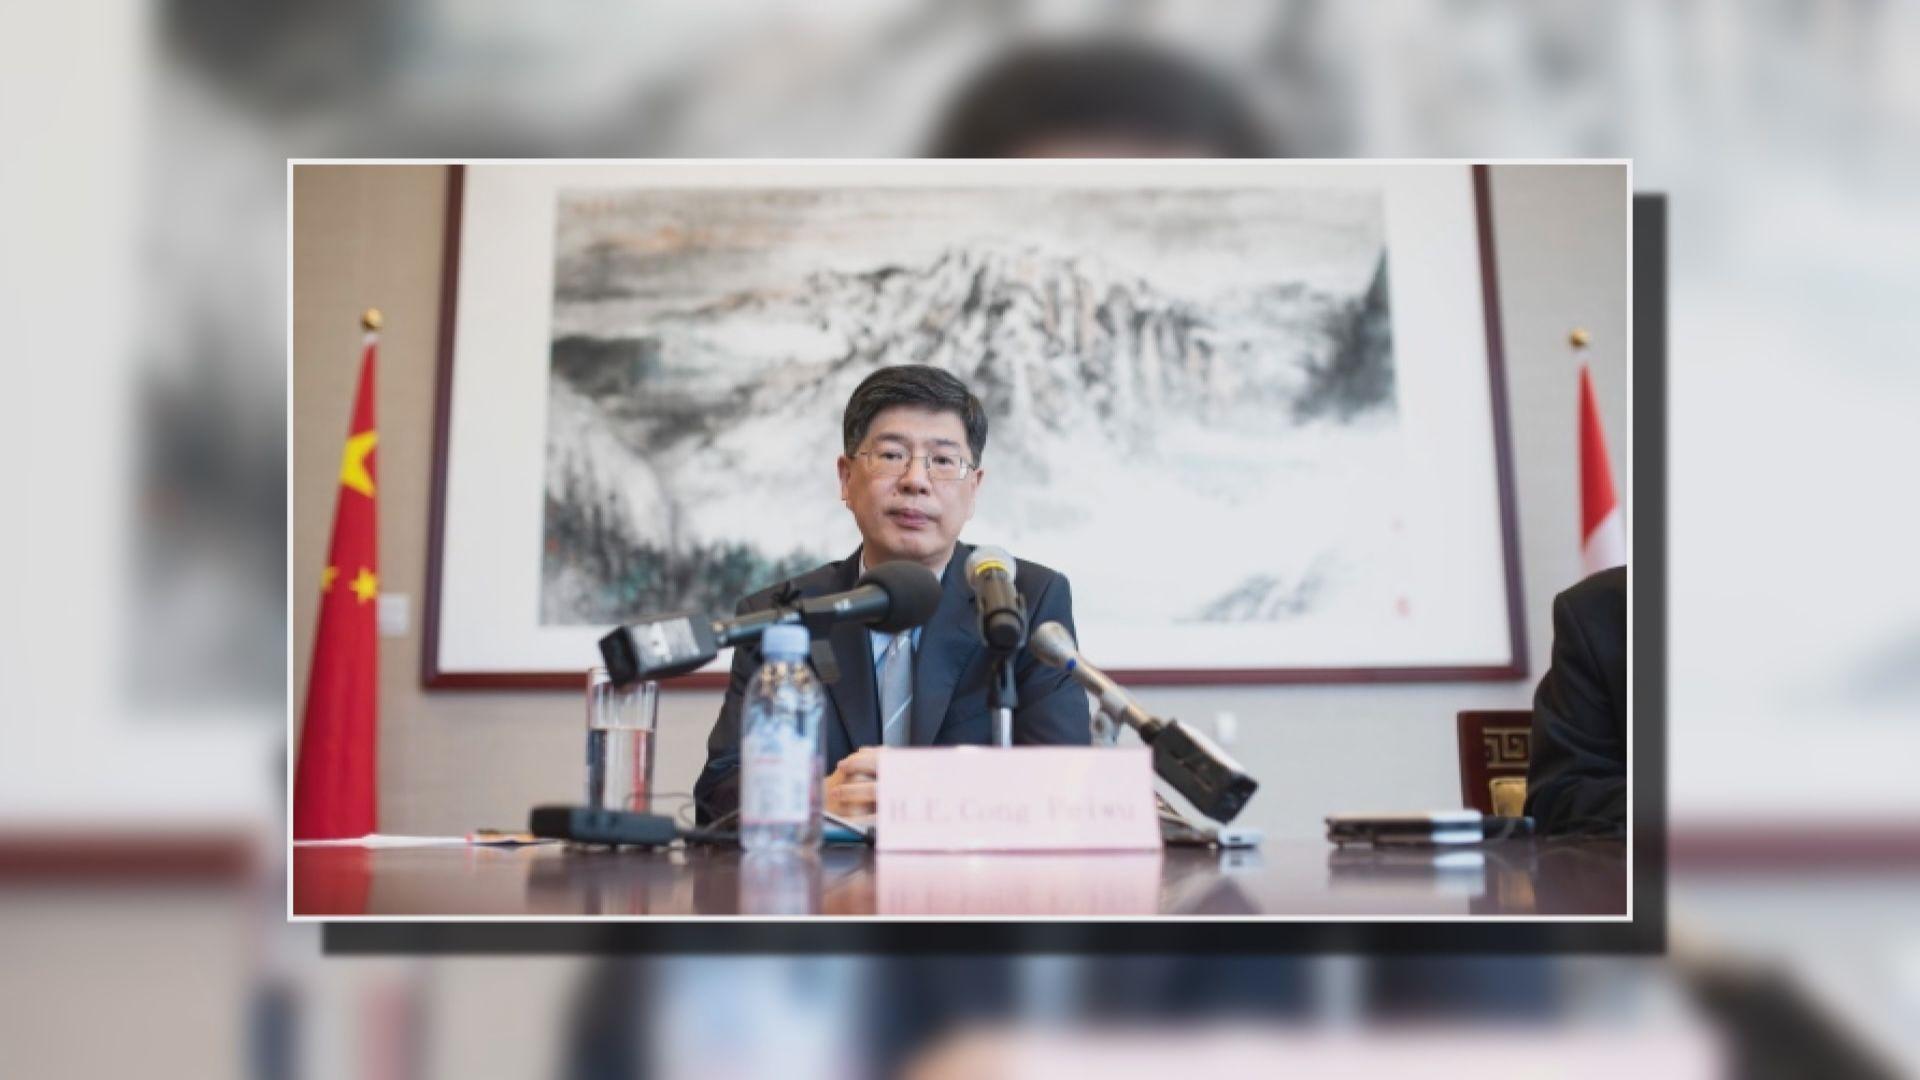 中國駐加拿大大使:孟晚舟案是美國策劃的嚴重政治事件